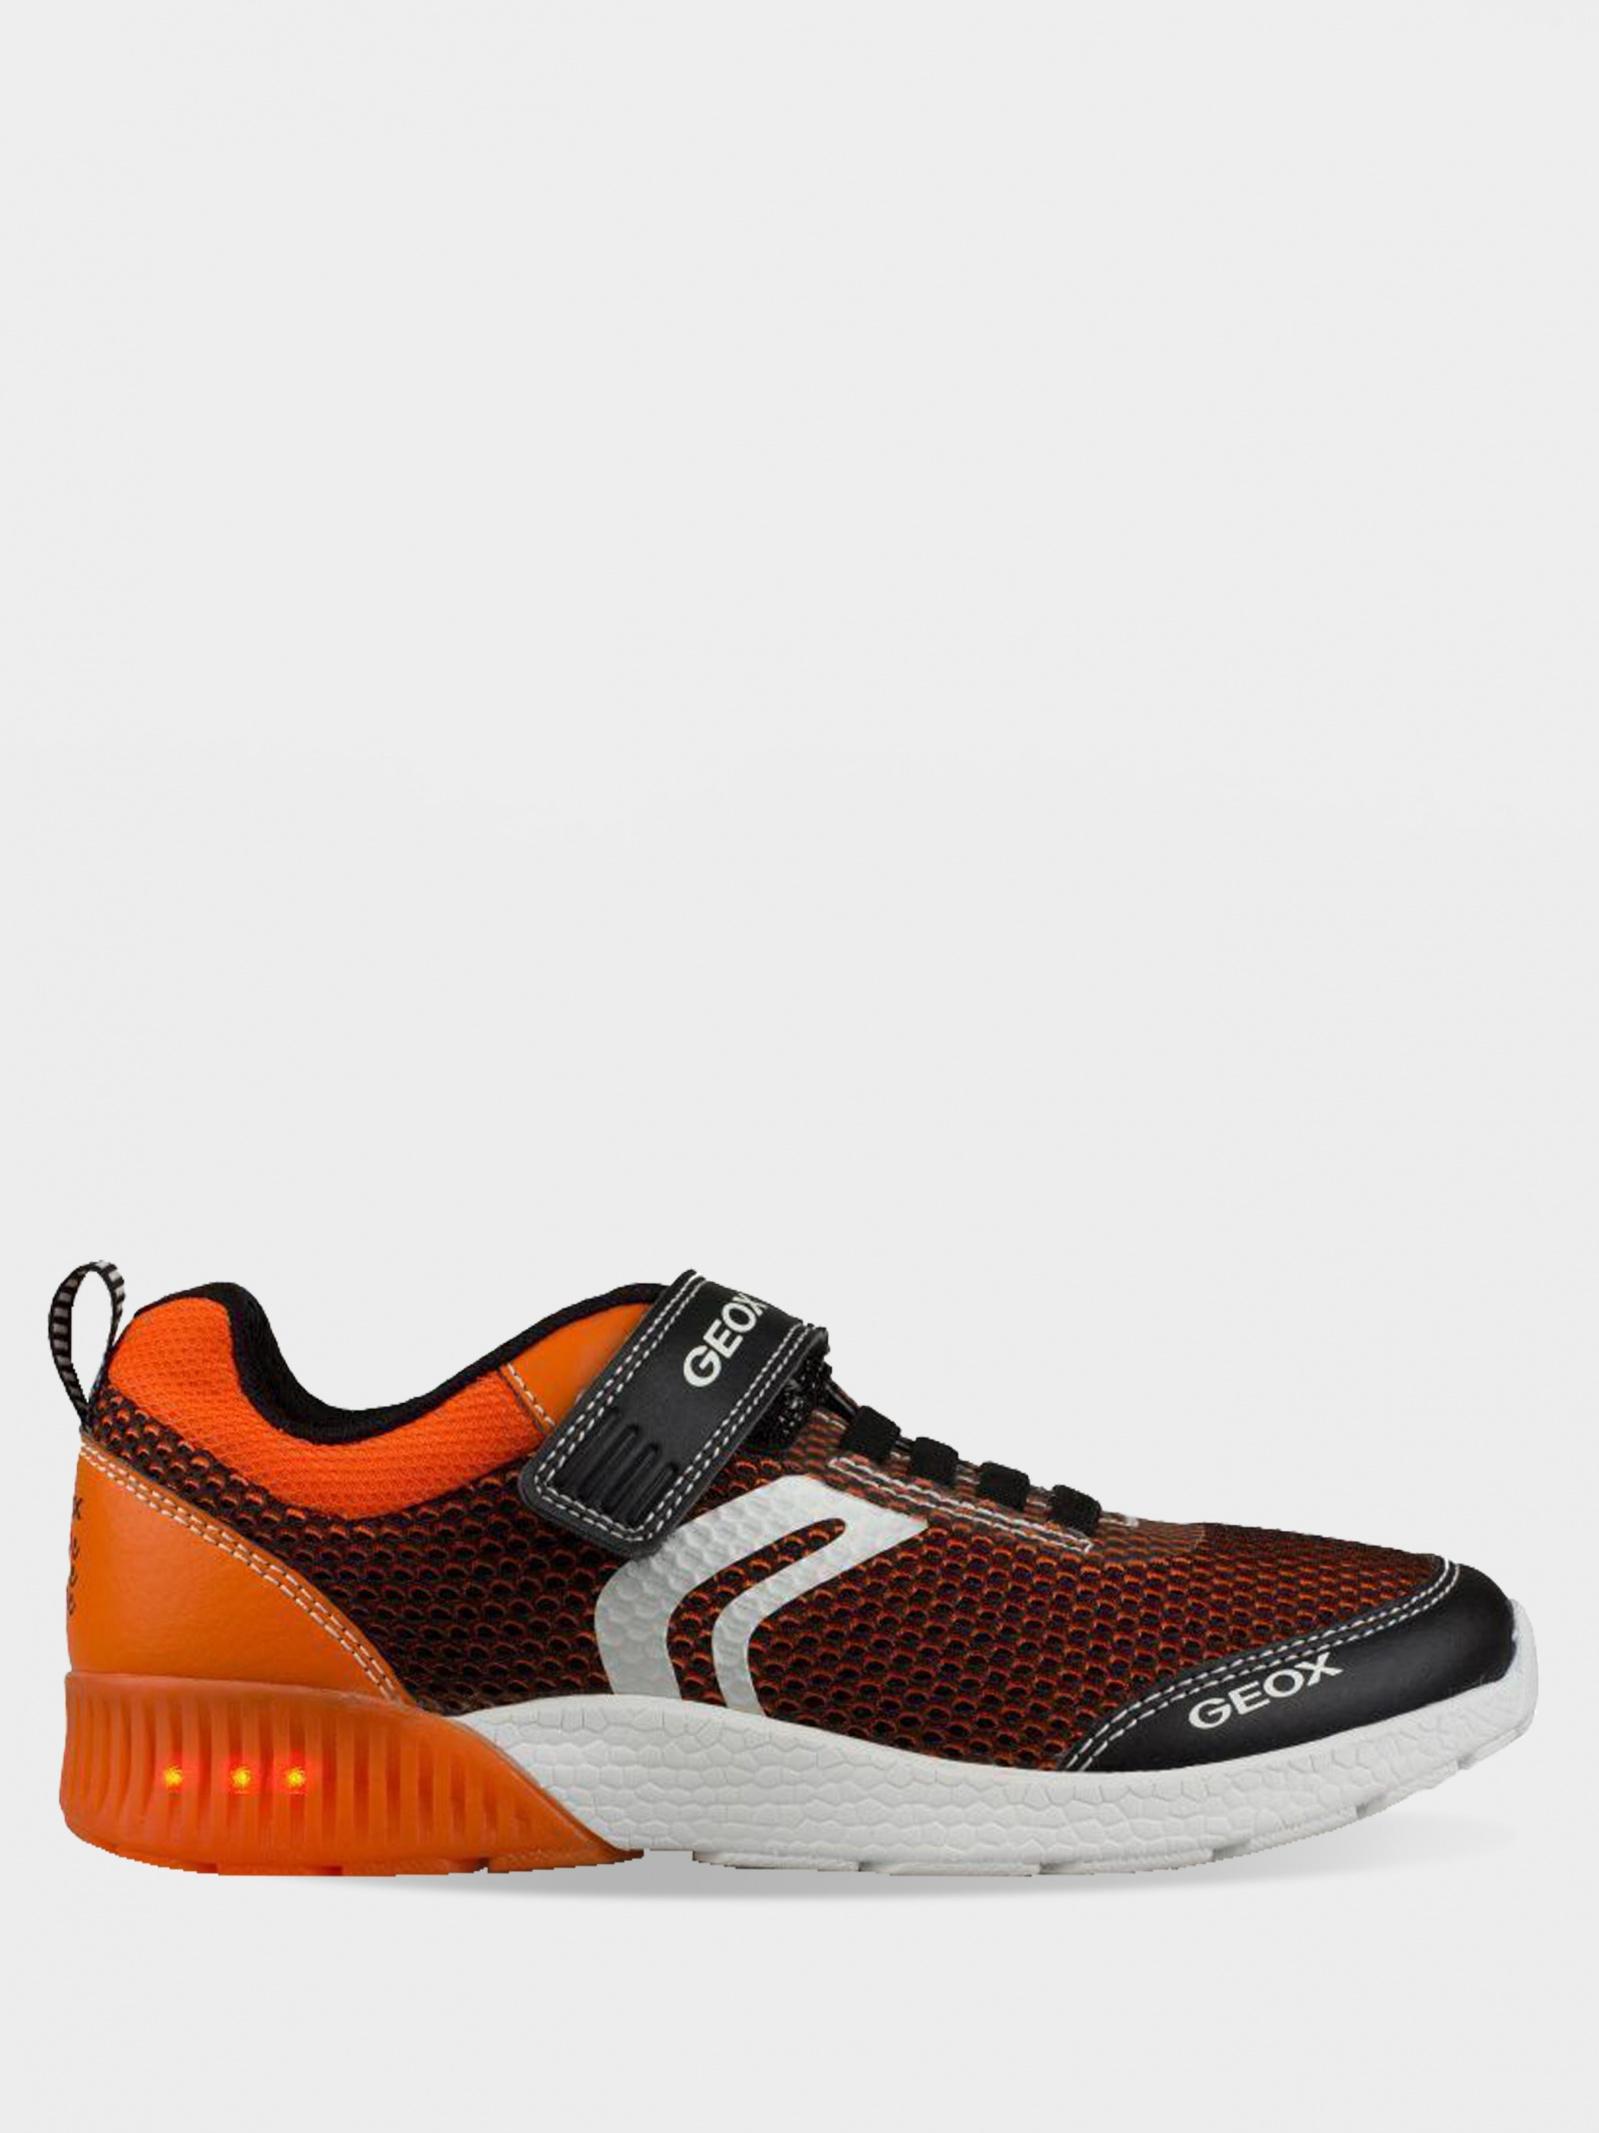 Кроссовки для детей Geox J SVETH B. B - MESH+ECOP BOTT XK5829 брендовая обувь, 2017